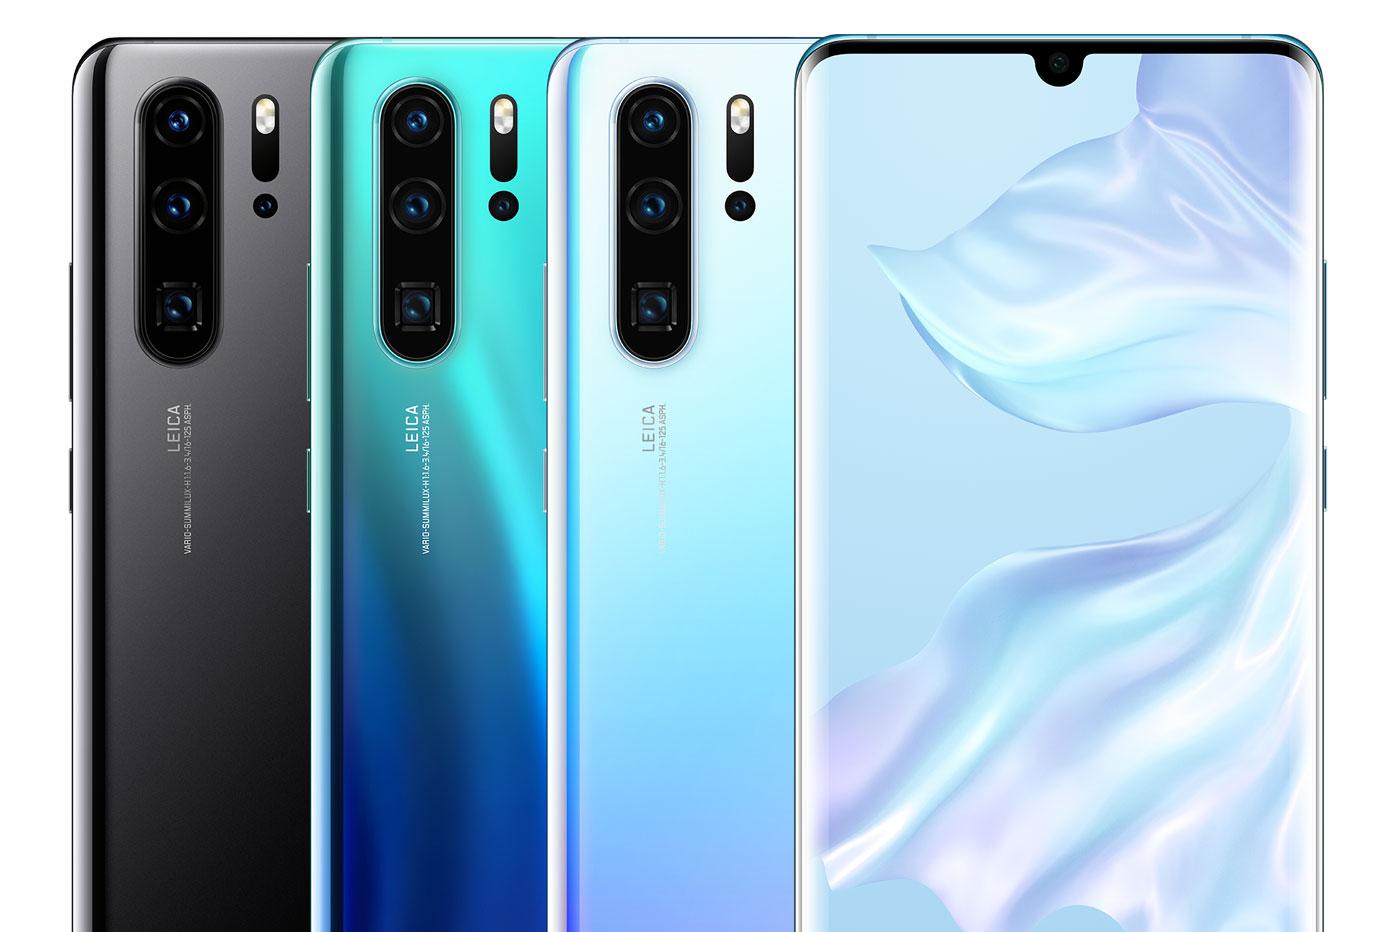 Bon plan : Huawei P30 Pro, le prix s'effondre sur Amazon !